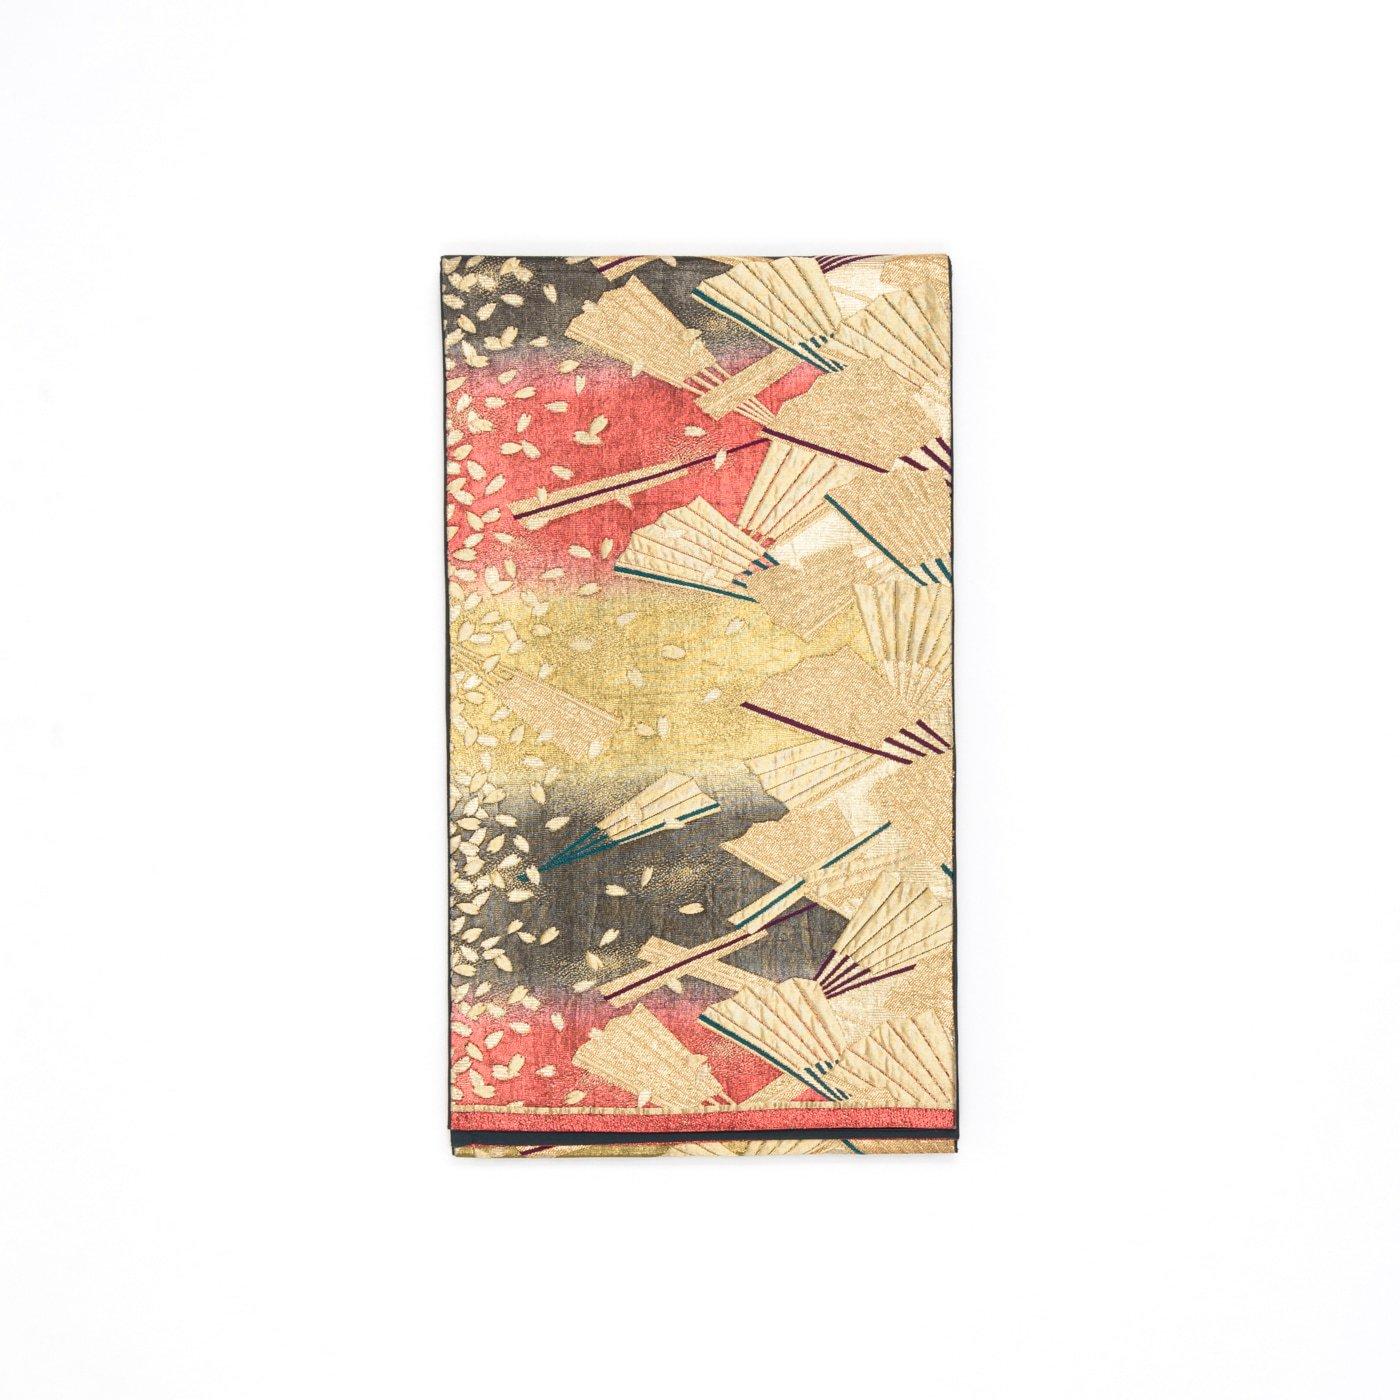 「袋帯●金扇 金の花びら」の商品画像